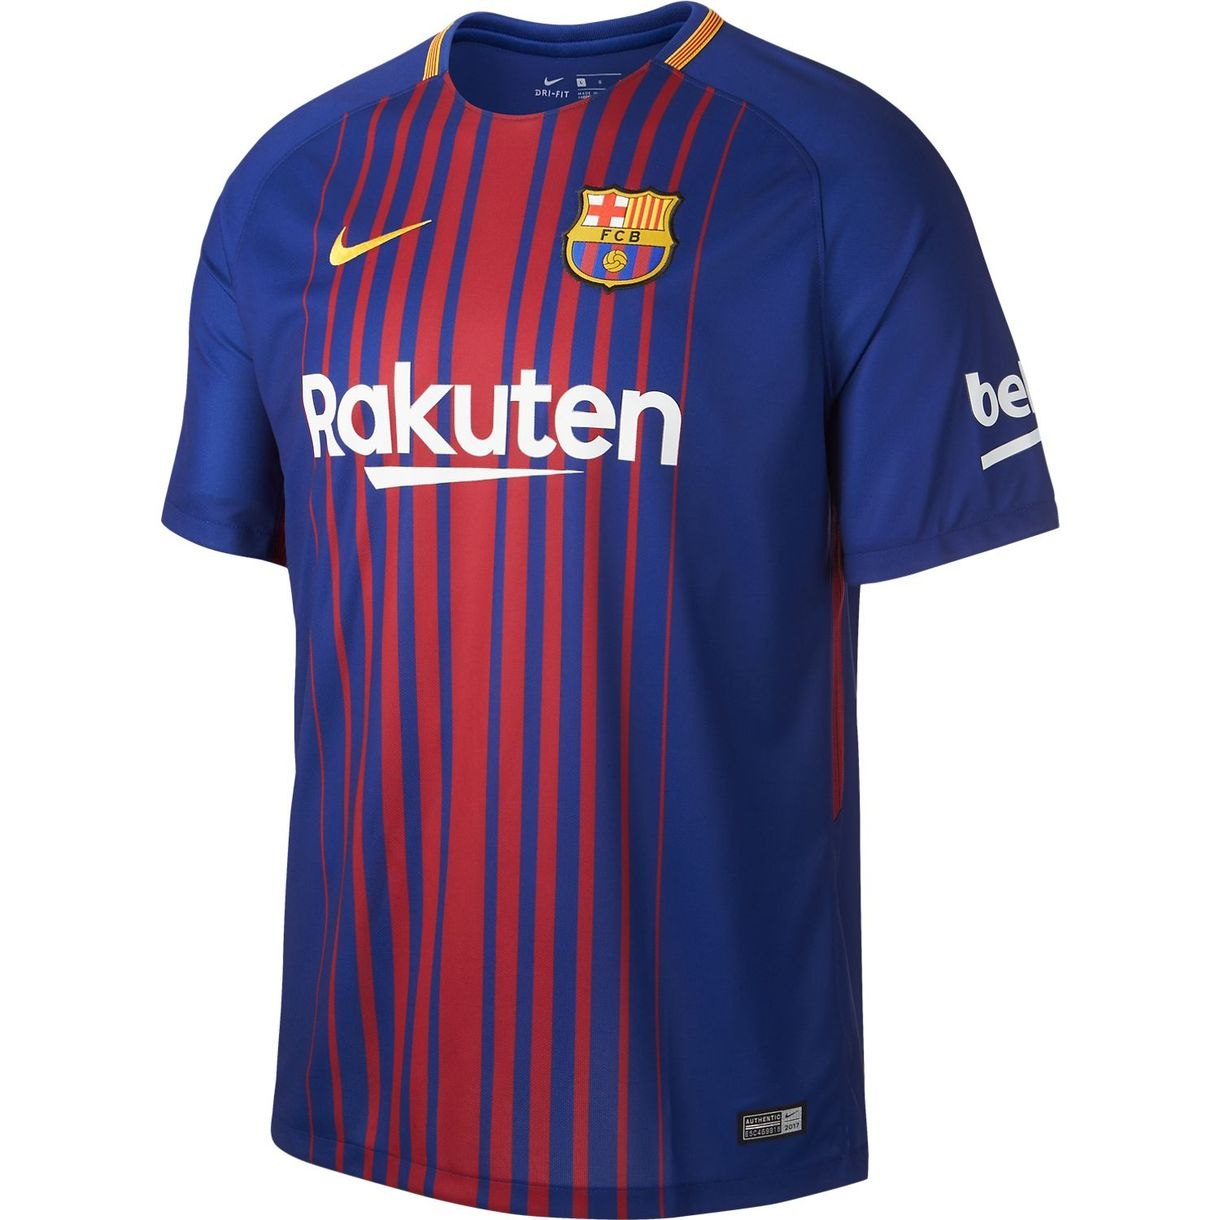 Nu kan du købe den nye trøje